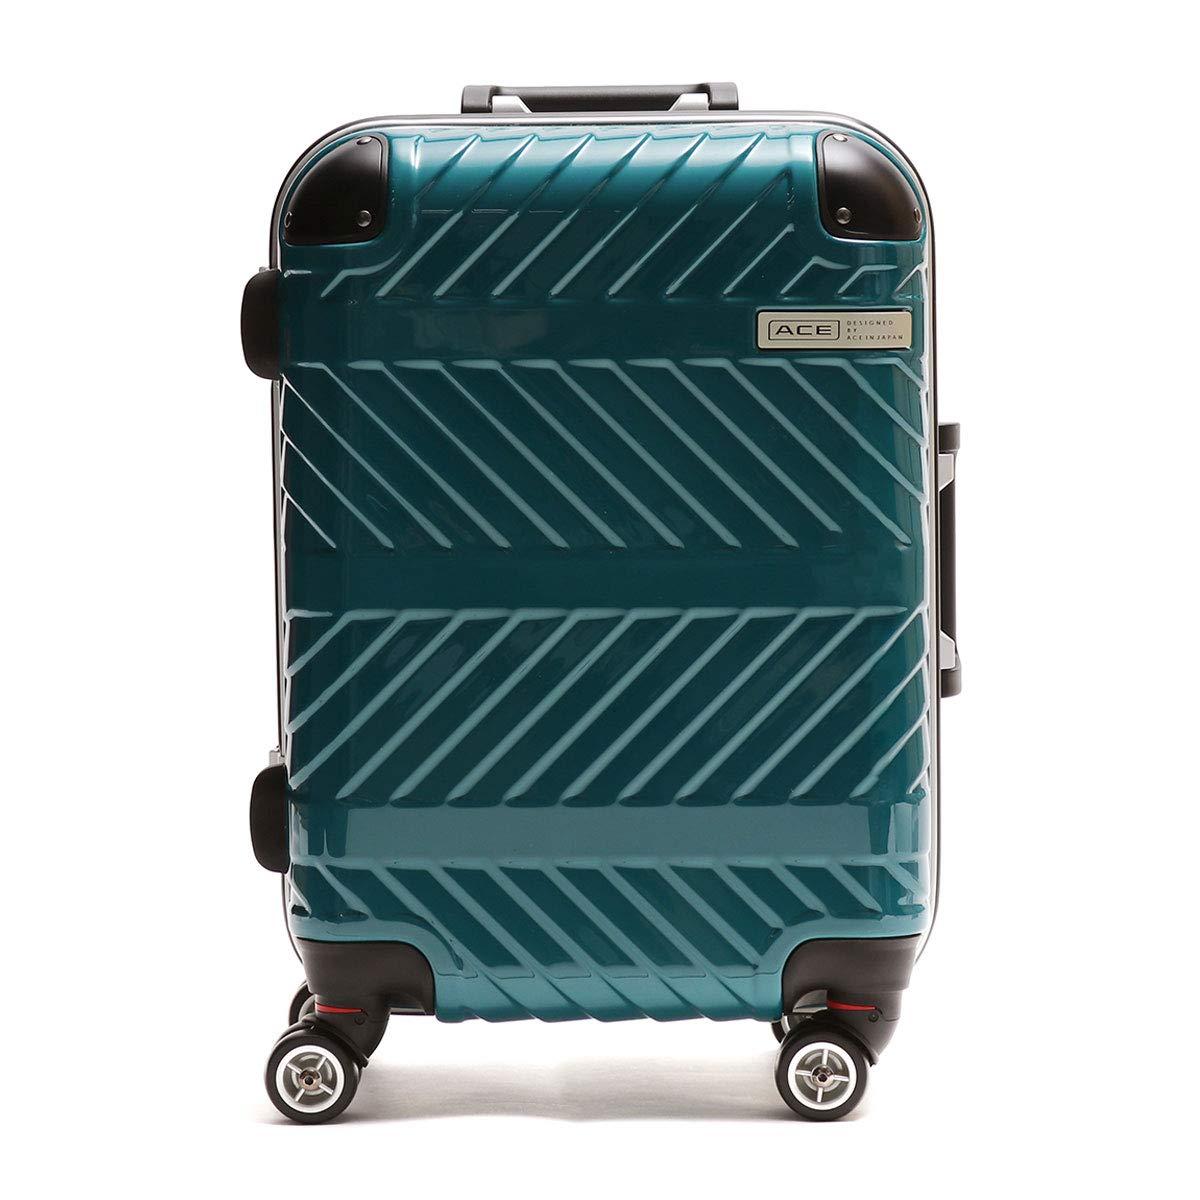 [エース デザインド バイ エース イン ジャパン]ACE DESIGNED BY ACE IN JAPAN パラヴァイド スーツケース 31L 06296  グリーン(04) B07Q1F144X